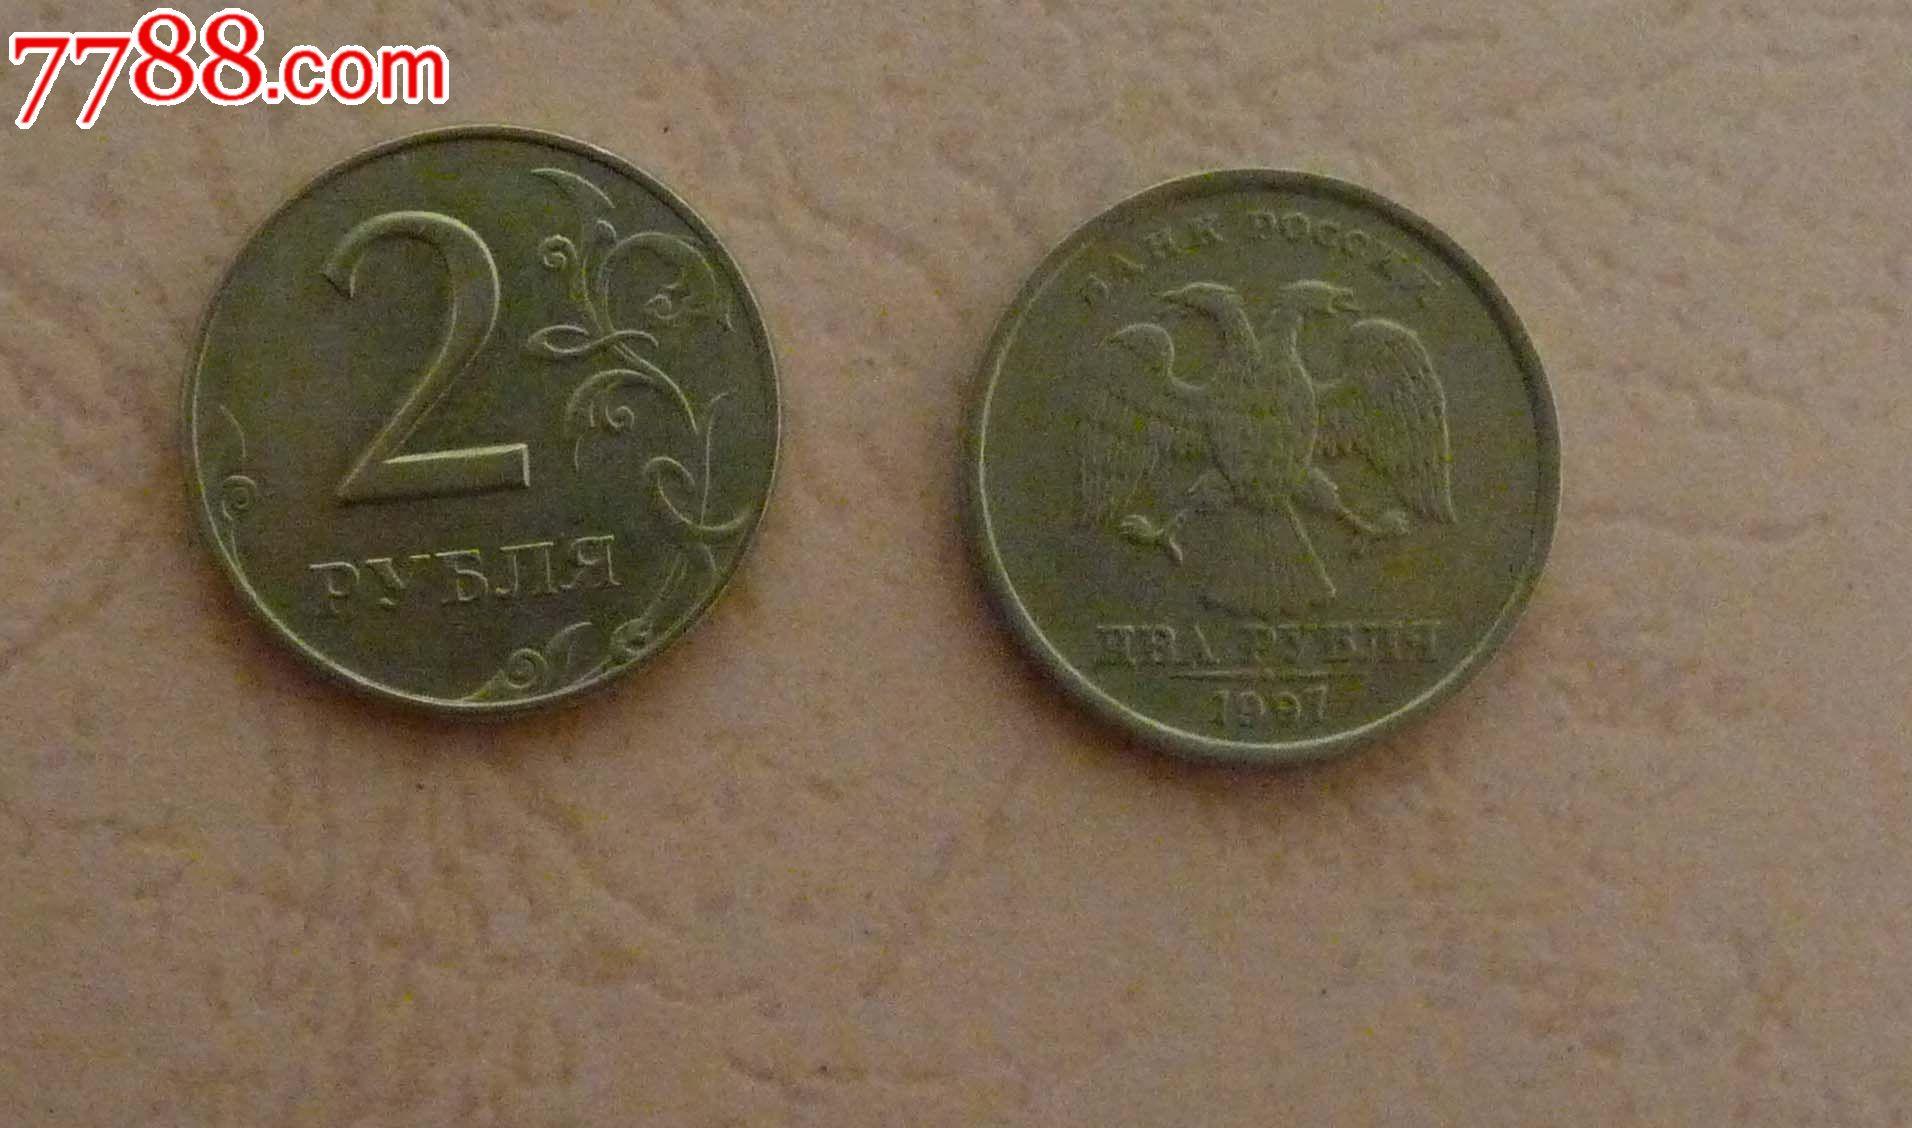 有2015年的1元硬币_分钱硬币价格表2015-几分钱的硬币兑换价格表_1964二分钱硬币价格